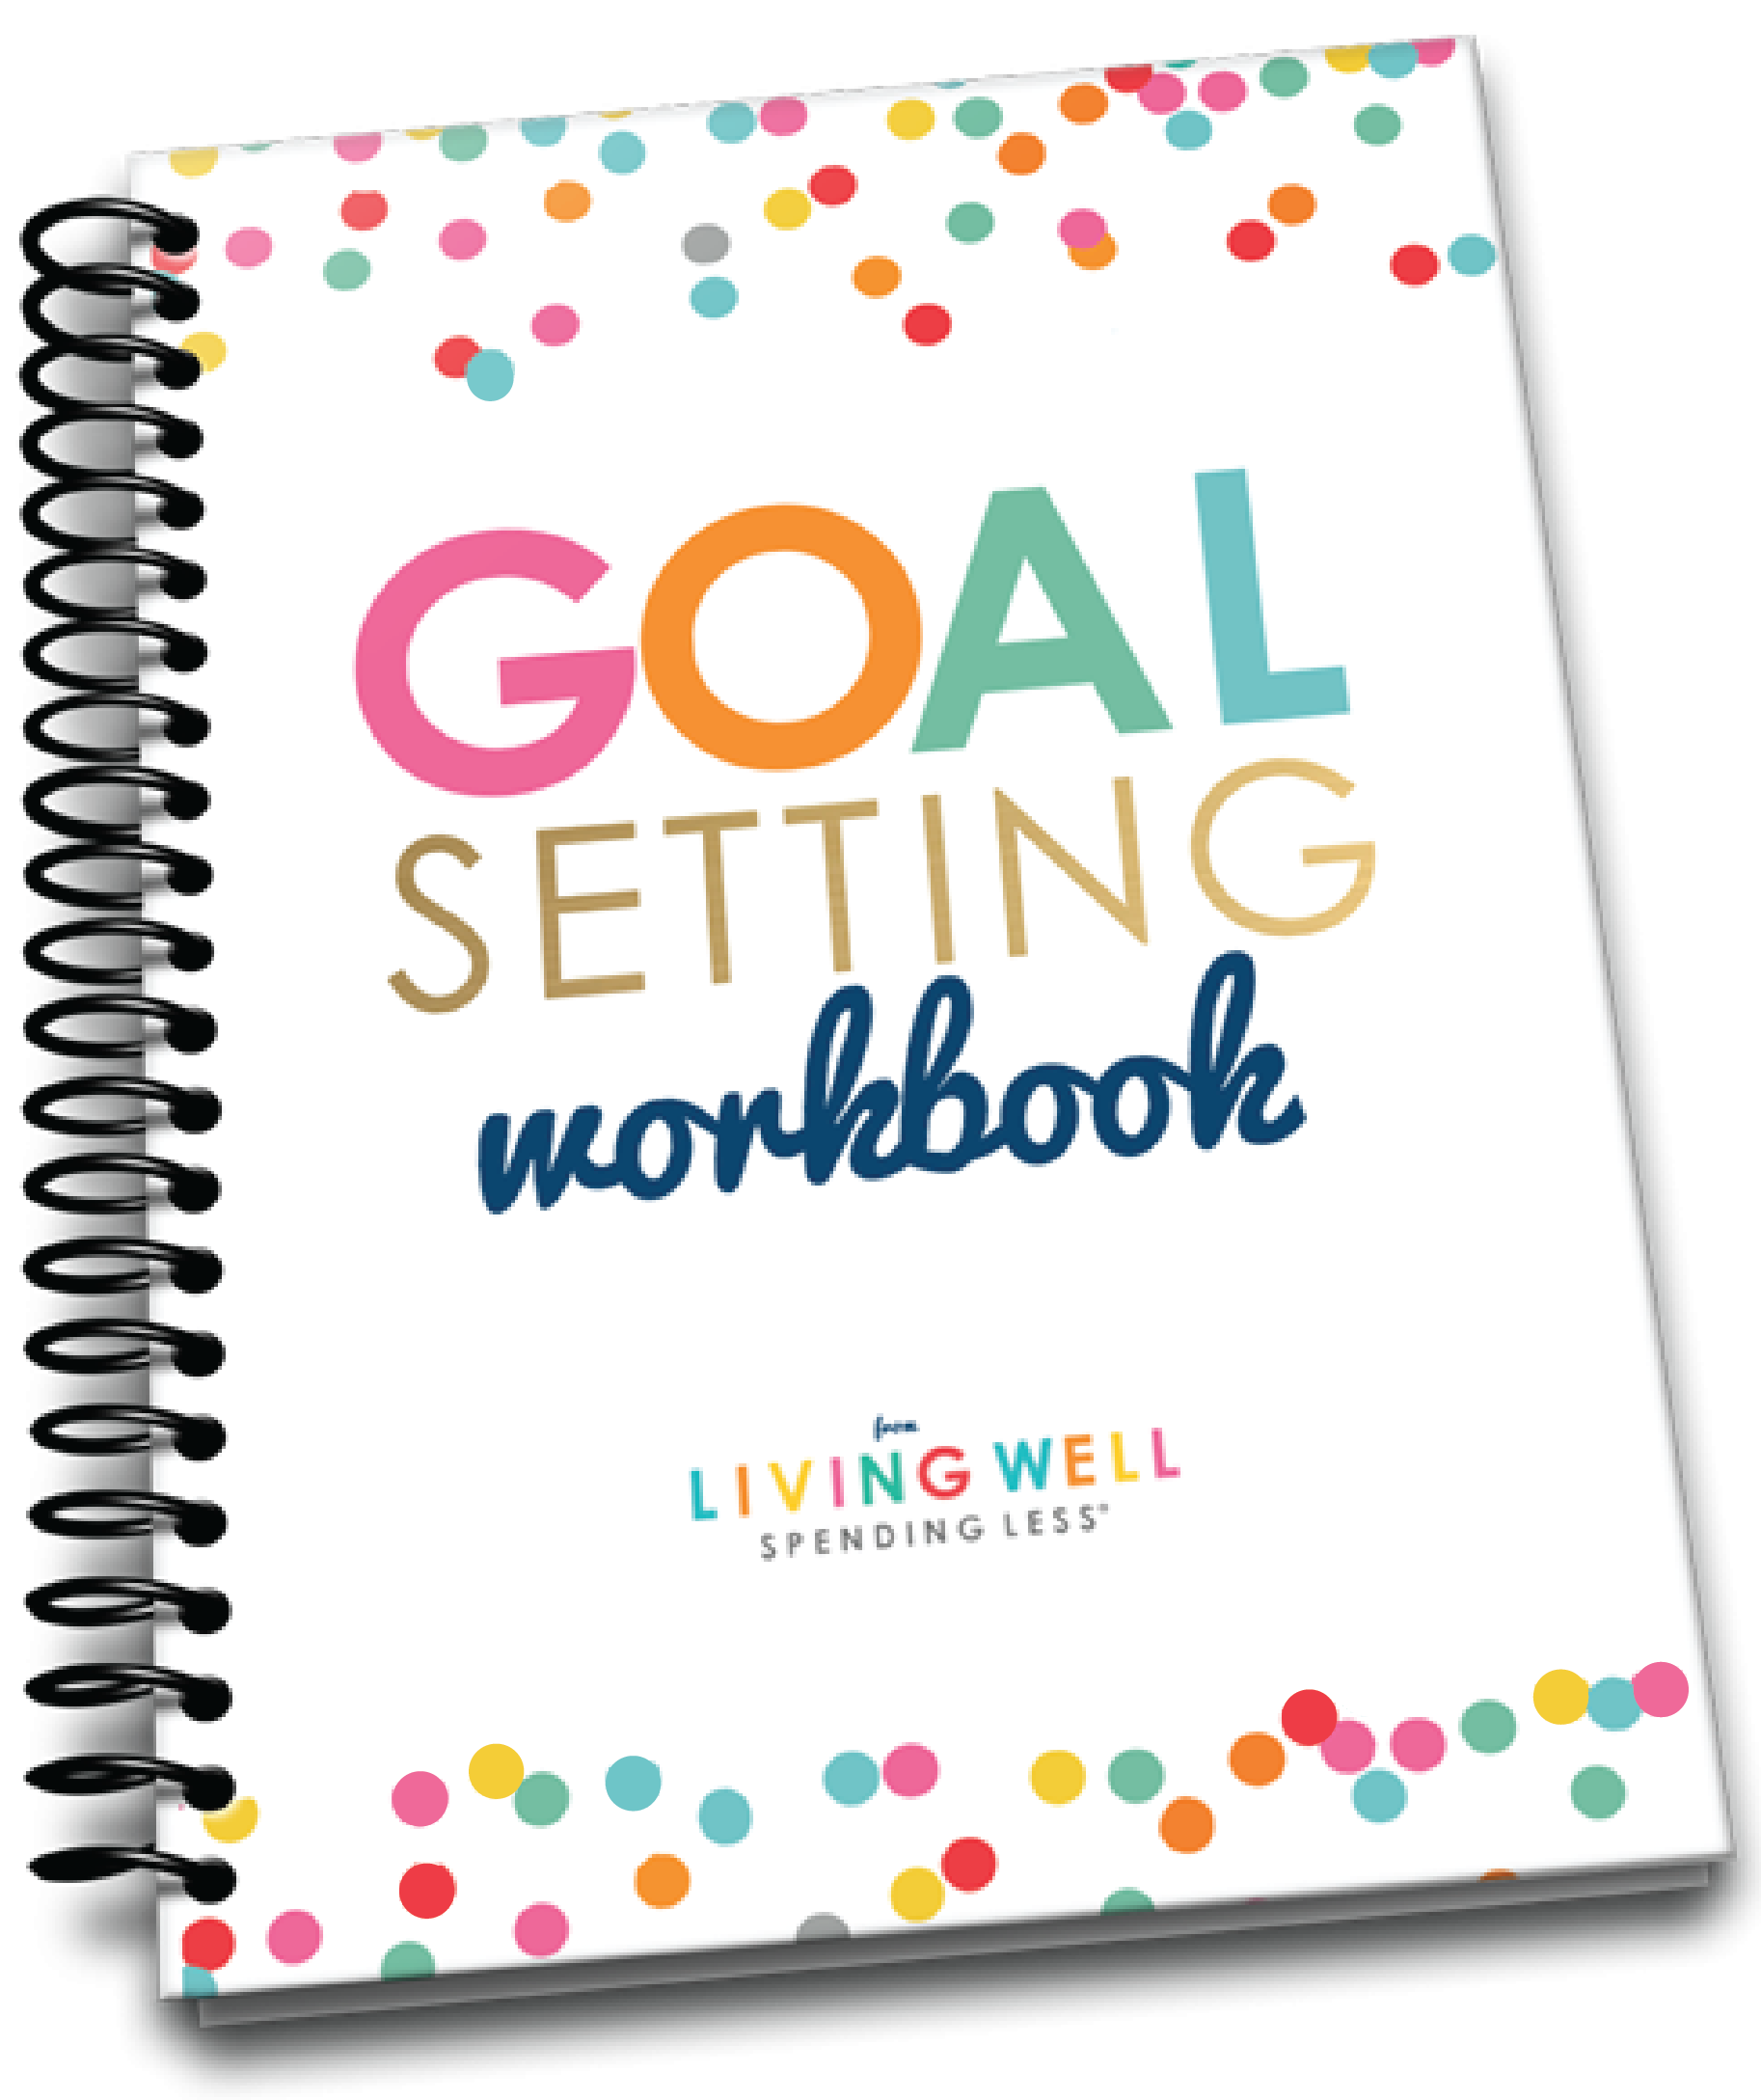 Living Well Spending Less: 2017-goal-setting-workbook-cover_2